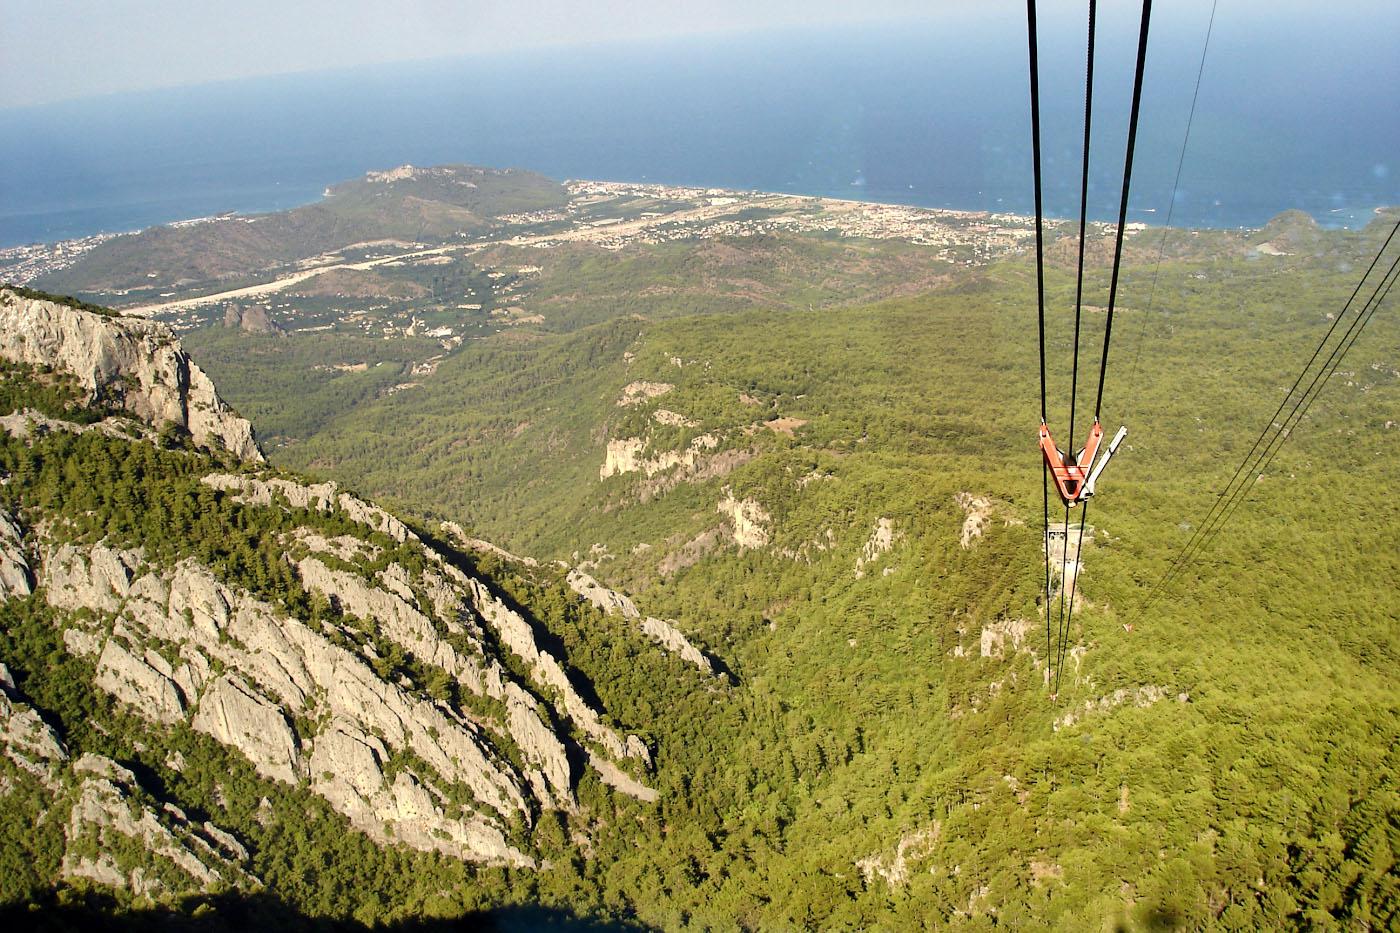 Фотография 9. Вид на Средиземное море, открывающийся с верхней станции канатной дороги Олимпос Телеферик («Olympos Teleferik») на горе Тахталы в Кемере.